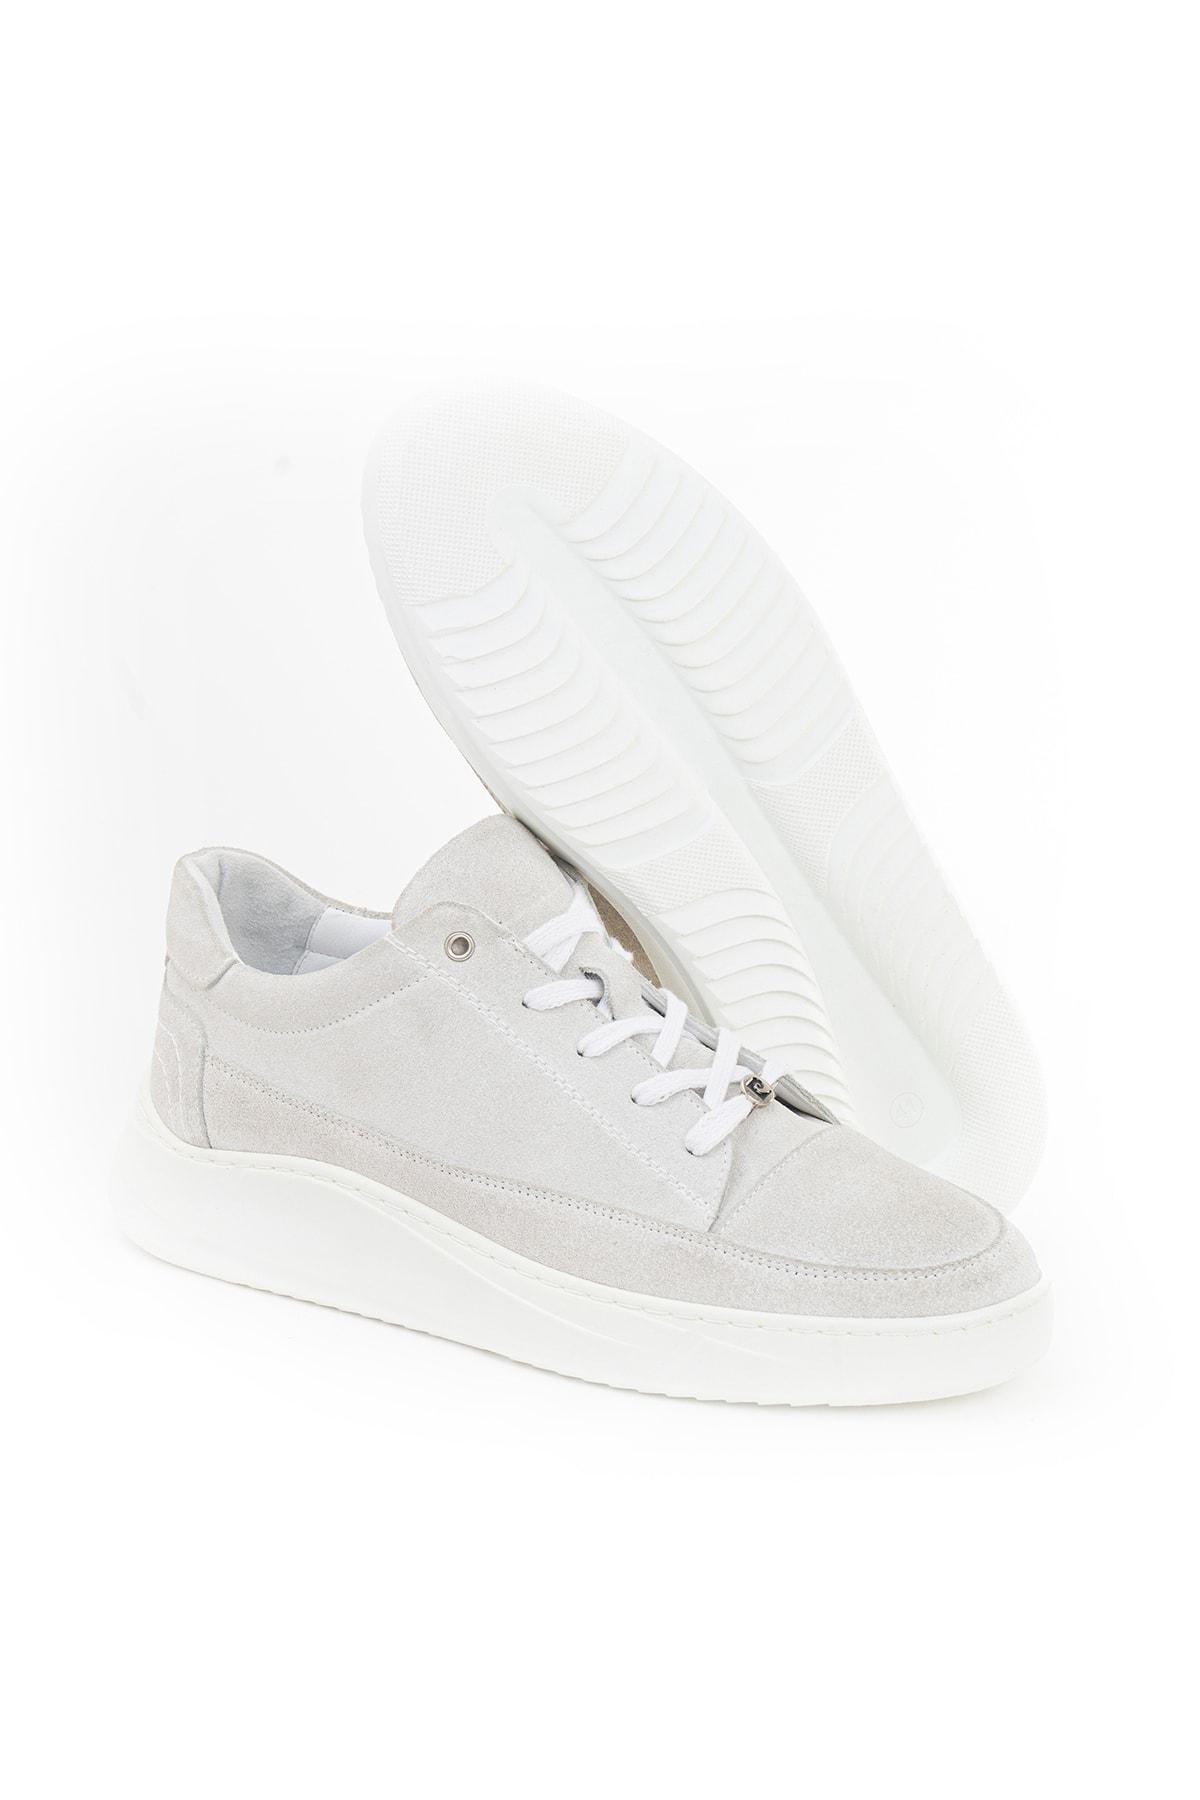 Pierre Cardin 1102775 Günlük Erkek Deri Ortopedik Ayakkabı 1